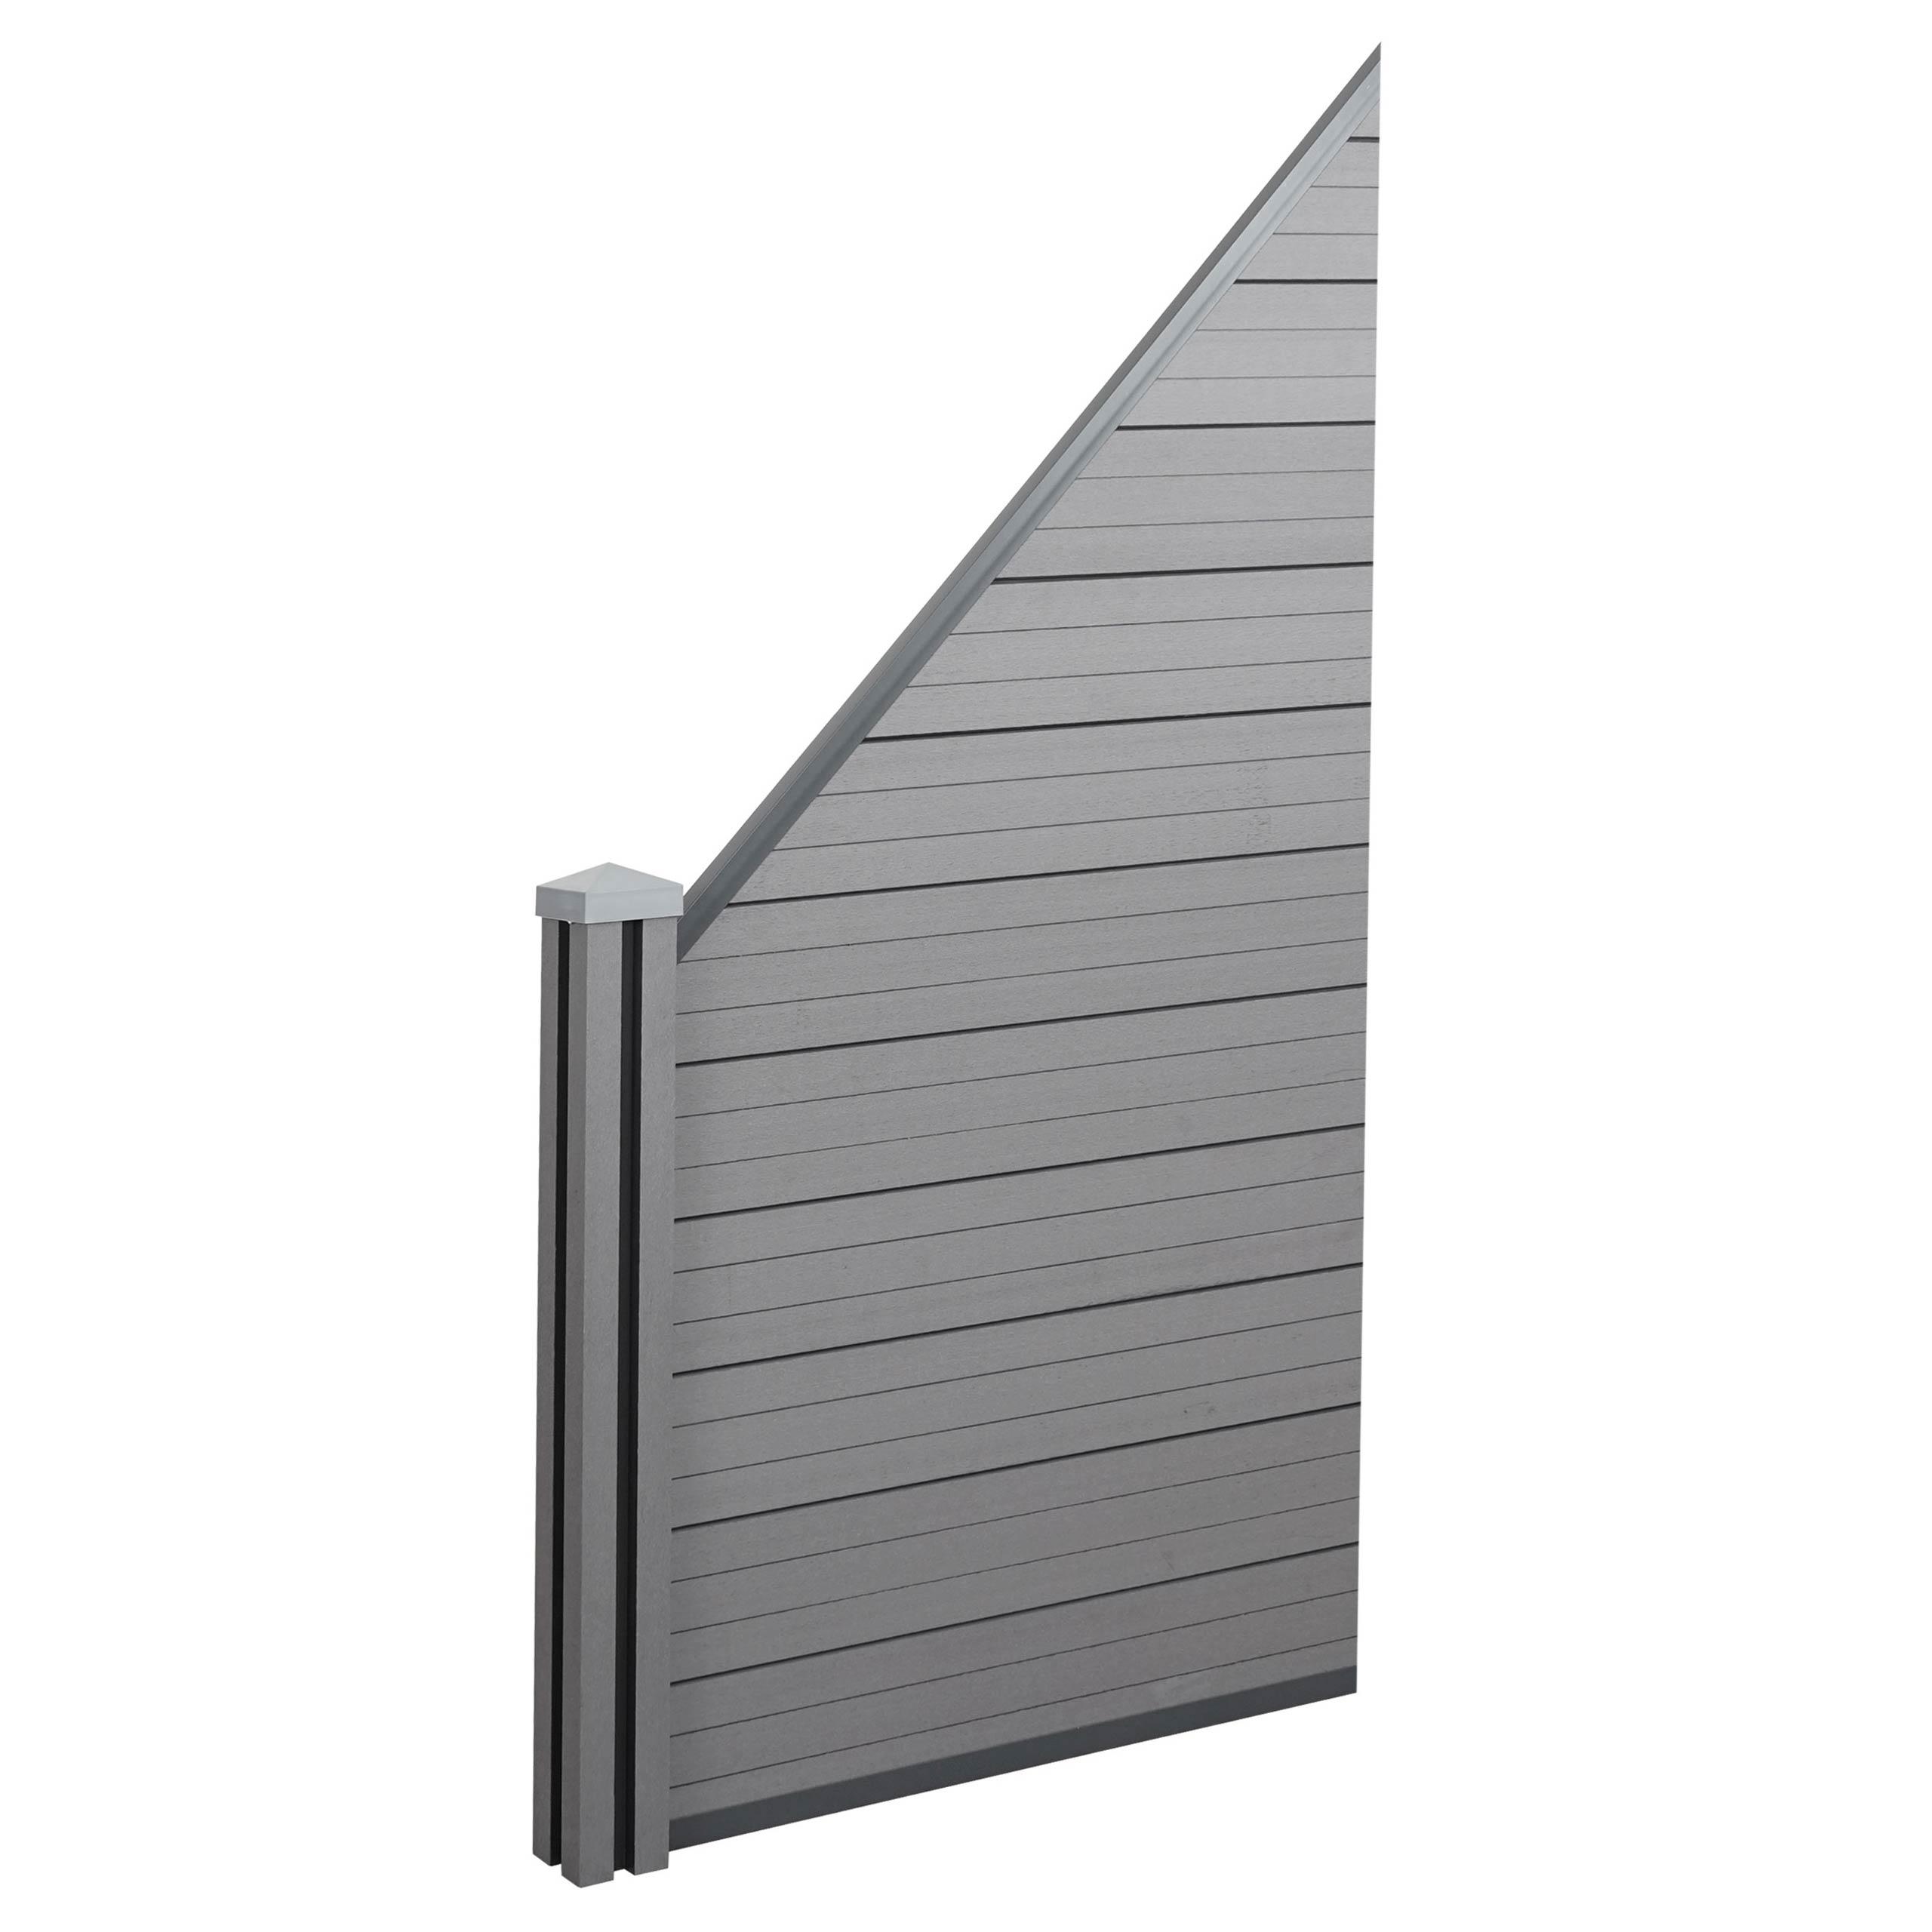 0 98m Grau Zaun Wpc Pfosten Erweiterungselement Schrag Wpc